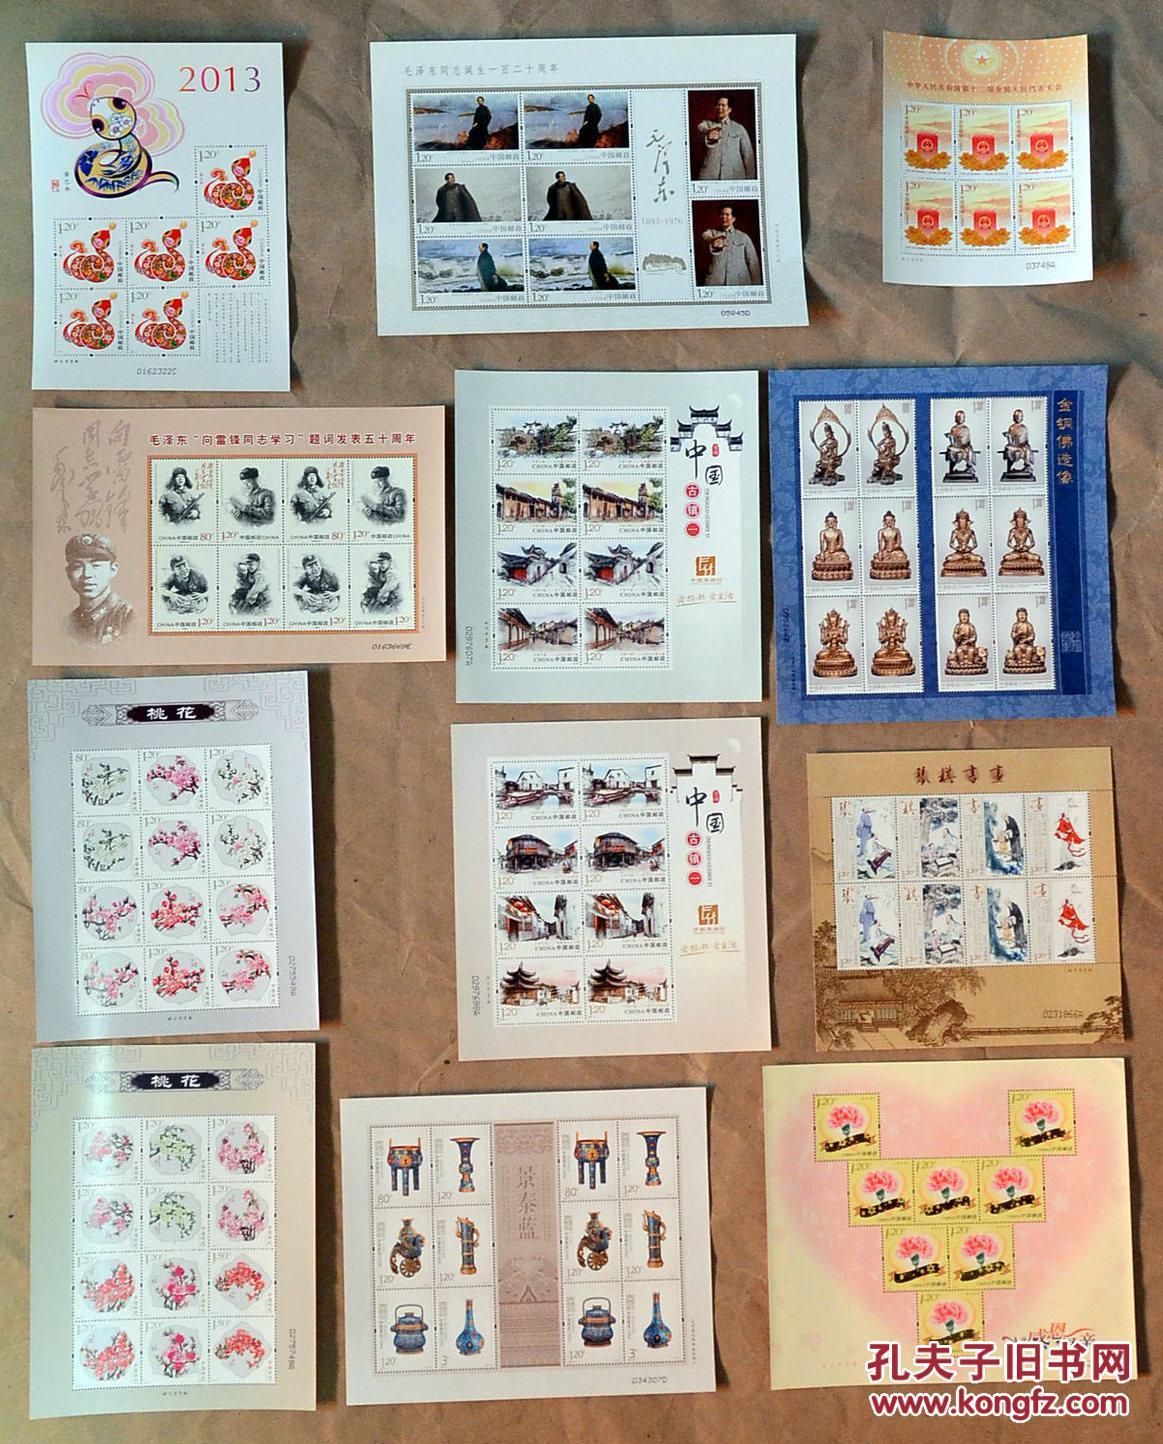 【图】2013年邮票小版大全图片